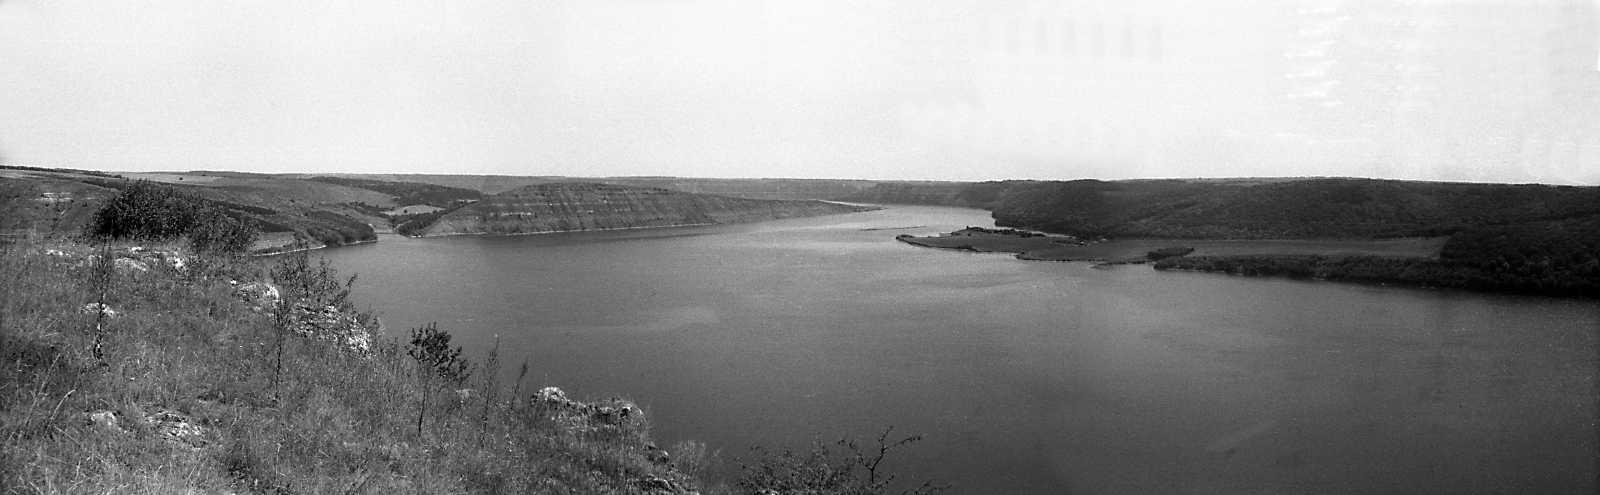 1995 р. Панорама гирла Студениці та Дністровського водосховища із заходу